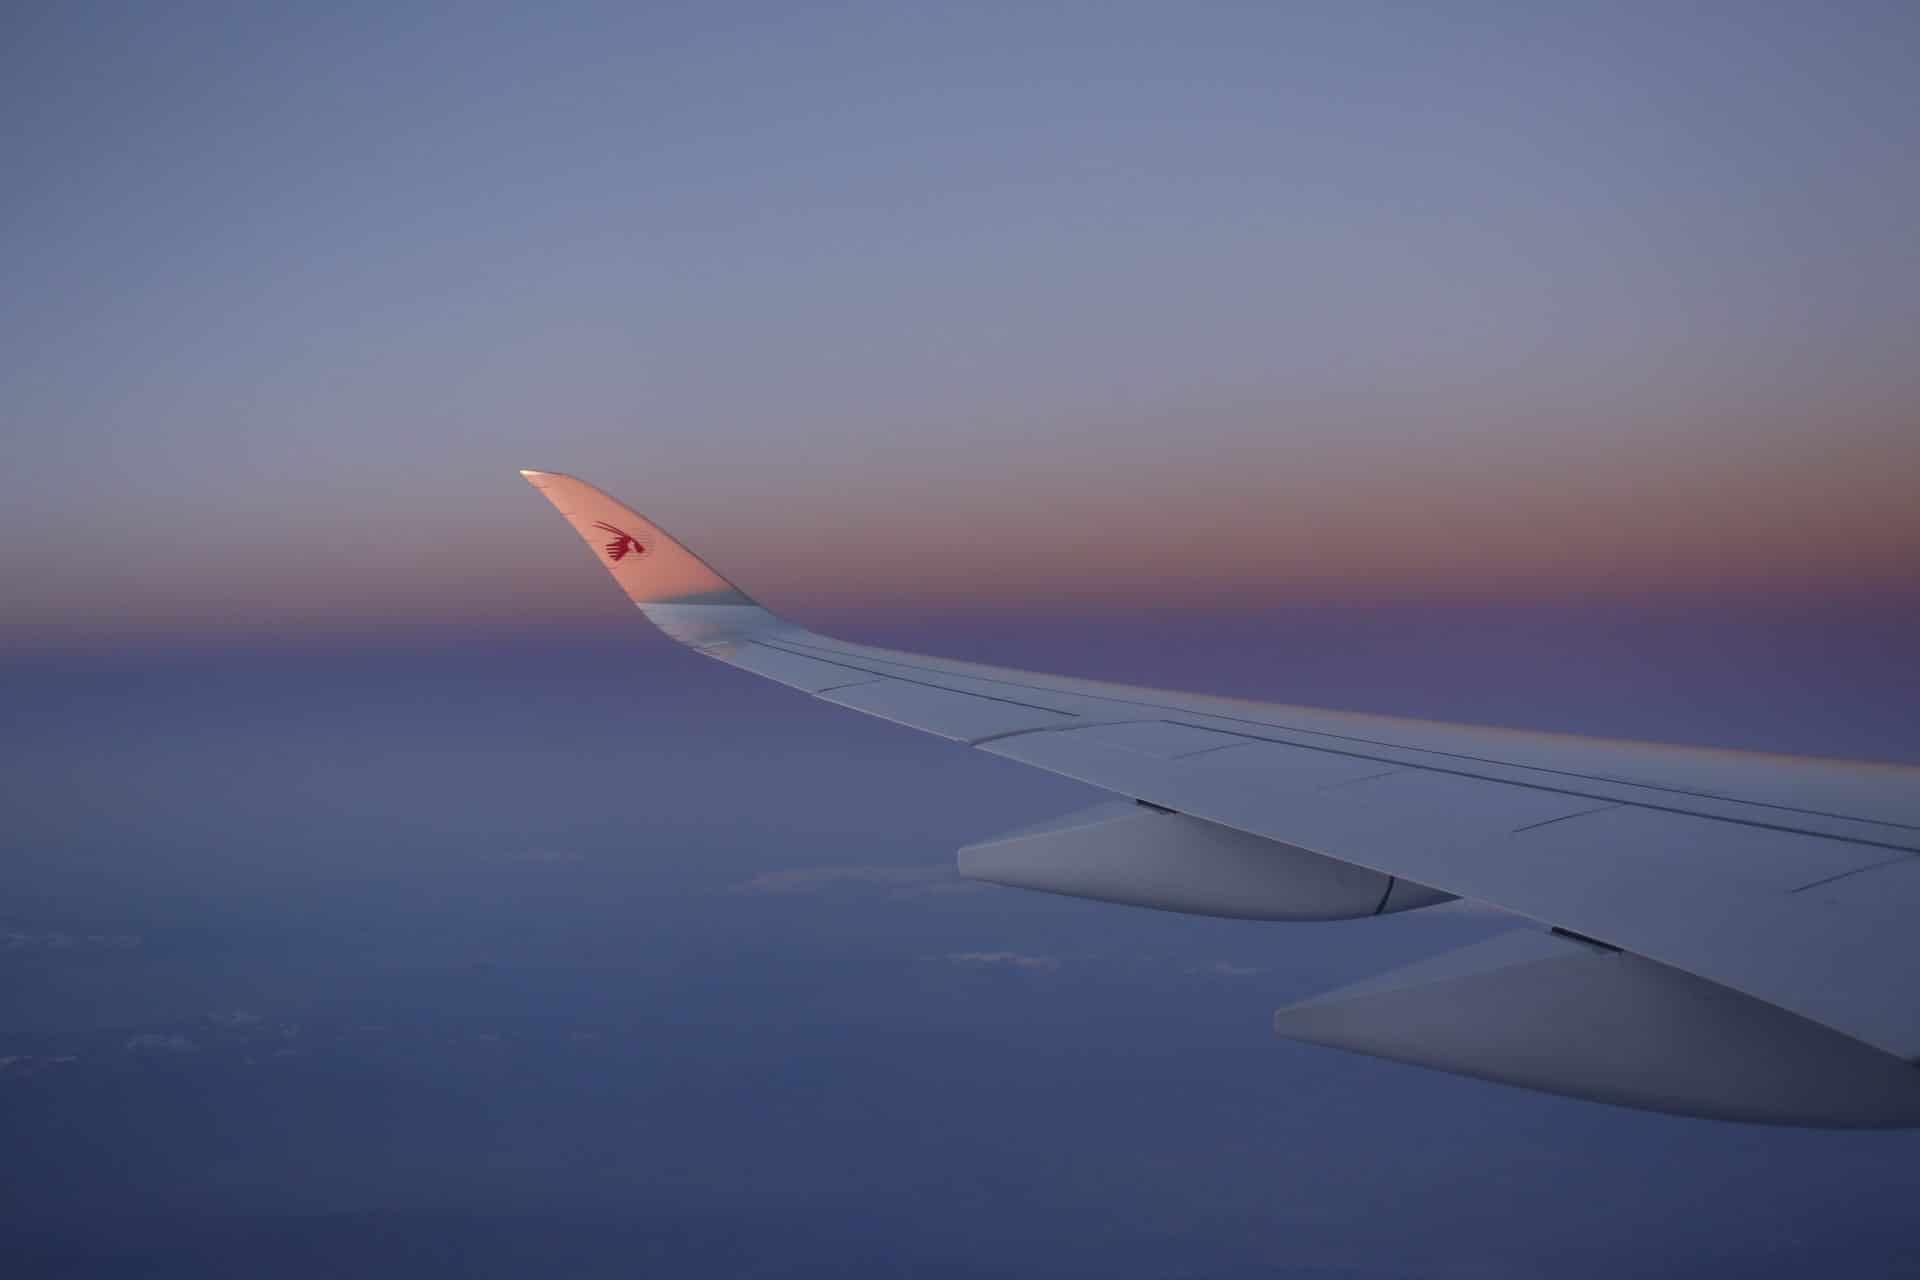 قطر ایرویز پروازهای سه هفته ای به تورنتو را از 4 ژوئیه 2020 آغاز کرد.